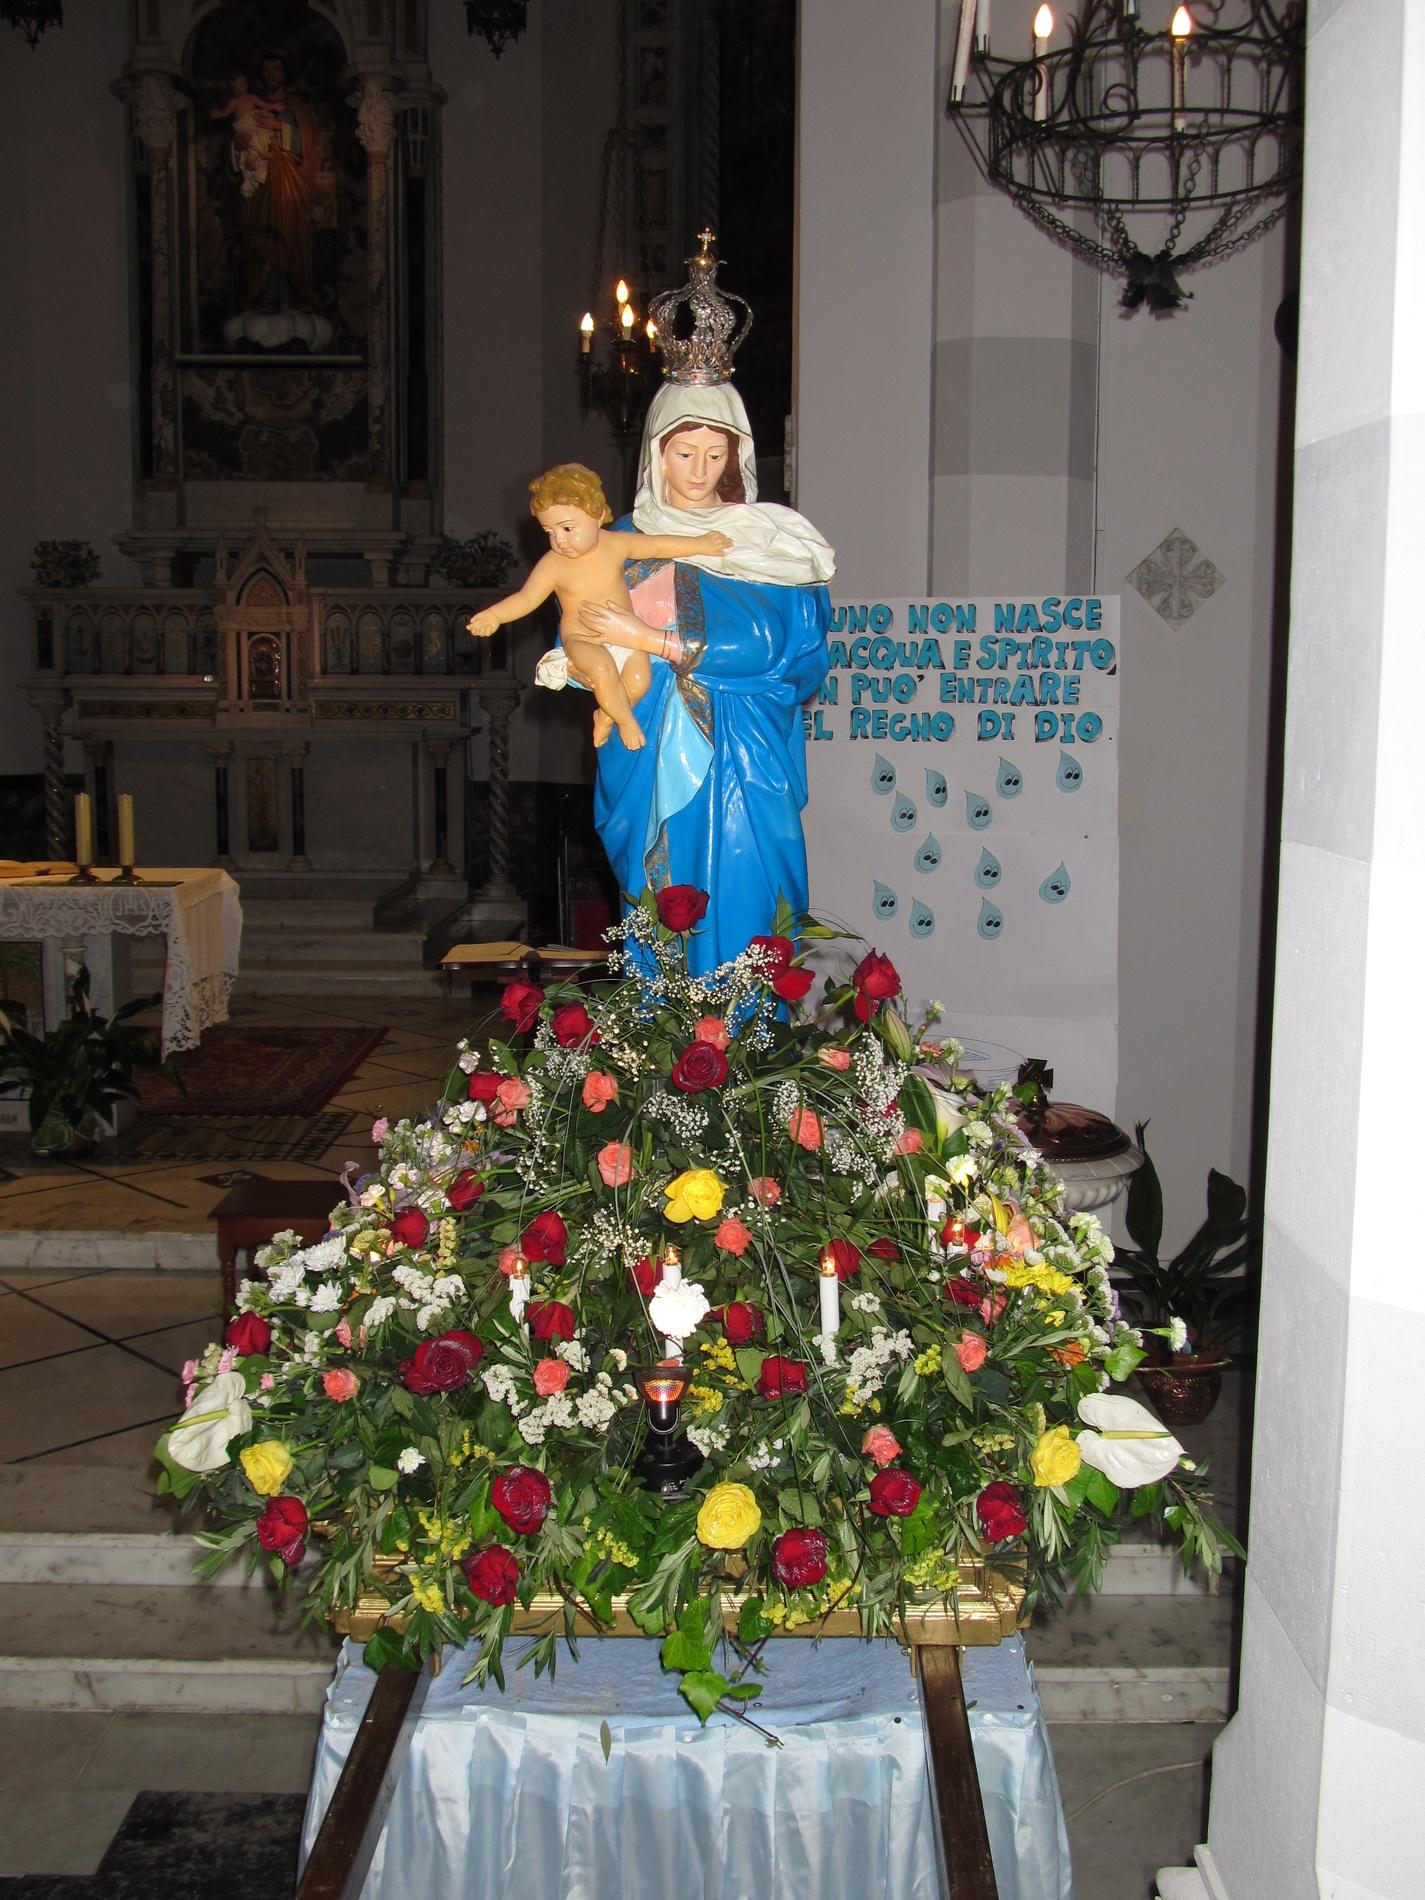 processione-madonna-2015-05-31-20-14-13